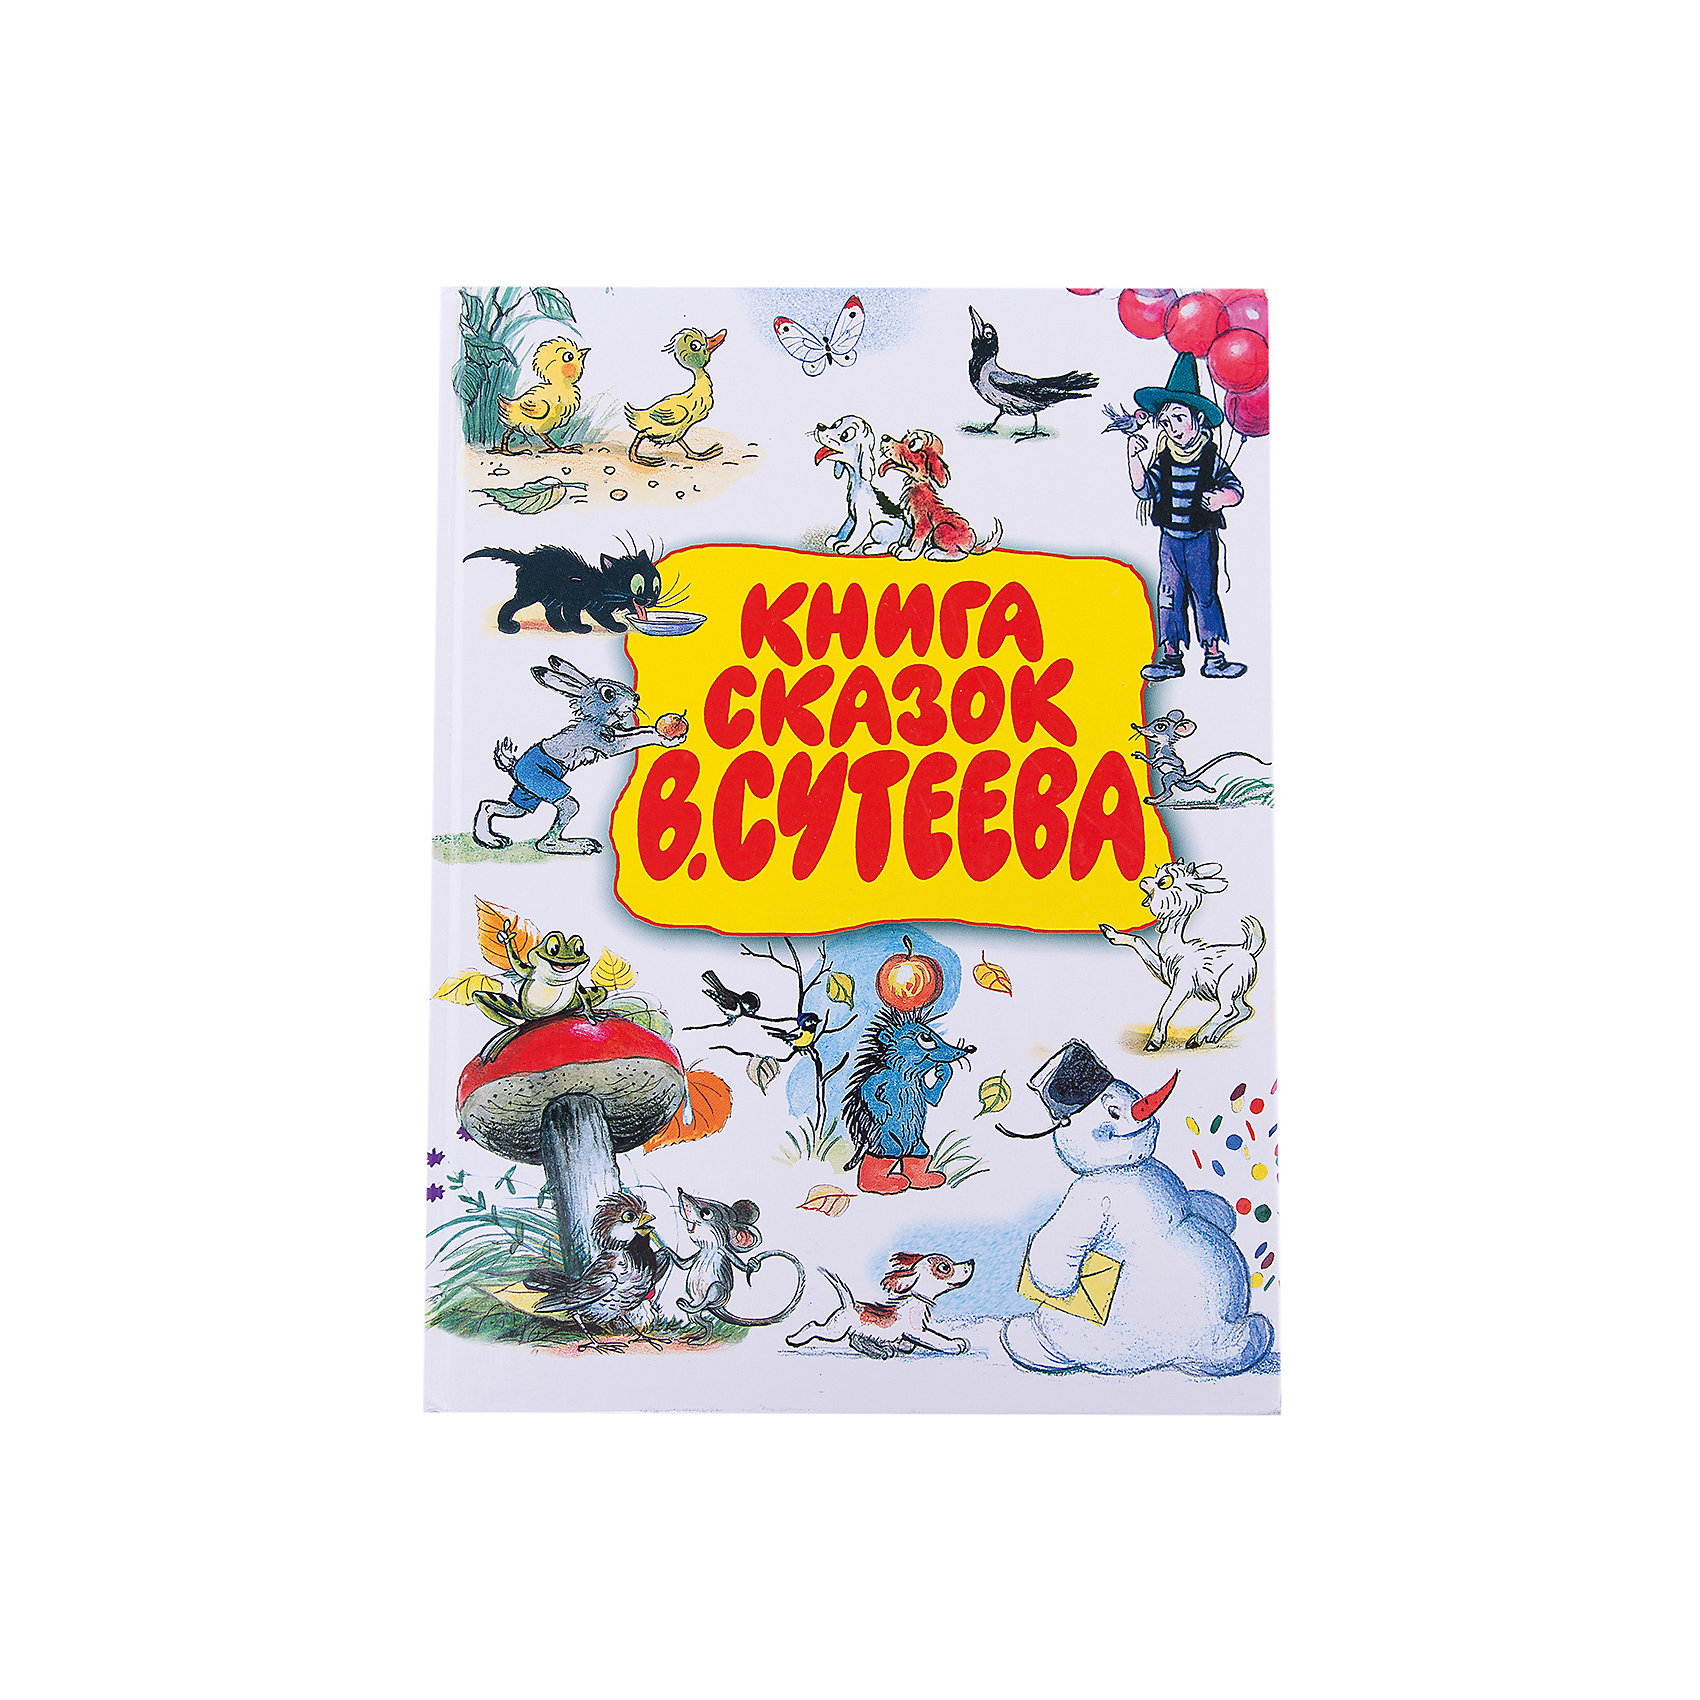 Книга сказок В.СутееваСутеев В.Г.<br>Бывает так: работал человек художником.<br>Рисовал картинки к детским книжкам.<br>А потом стал рисовать мультфильмы.<br>А потом ещё и писать начал - сценарии<br>к мультфильмам.<br>А однажды по думал-подумал<br>и стал писателем, решив, что весёлых авторов намного<br>меньше, чем весёлых художников.<br>А может, всё дело было в его секрете:<br>ведь писал он правой рукой, а рисовал левой.<br>Хорошо, когда обе руки заняты делом!<br>Так о ком же это всё написано?<br>О художнике и писателе,<br>о сценаристе и кинорежиссёре -<br>Владимире Григорьевиче Сутееве!<br>Вот такой он разный в нашей книге сказок!<br><br>Ширина мм: 280<br>Глубина мм: 210<br>Высота мм: 250<br>Вес г: 1060<br>Возраст от месяцев: 12<br>Возраст до месяцев: 36<br>Пол: Унисекс<br>Возраст: Детский<br>SKU: 6848260